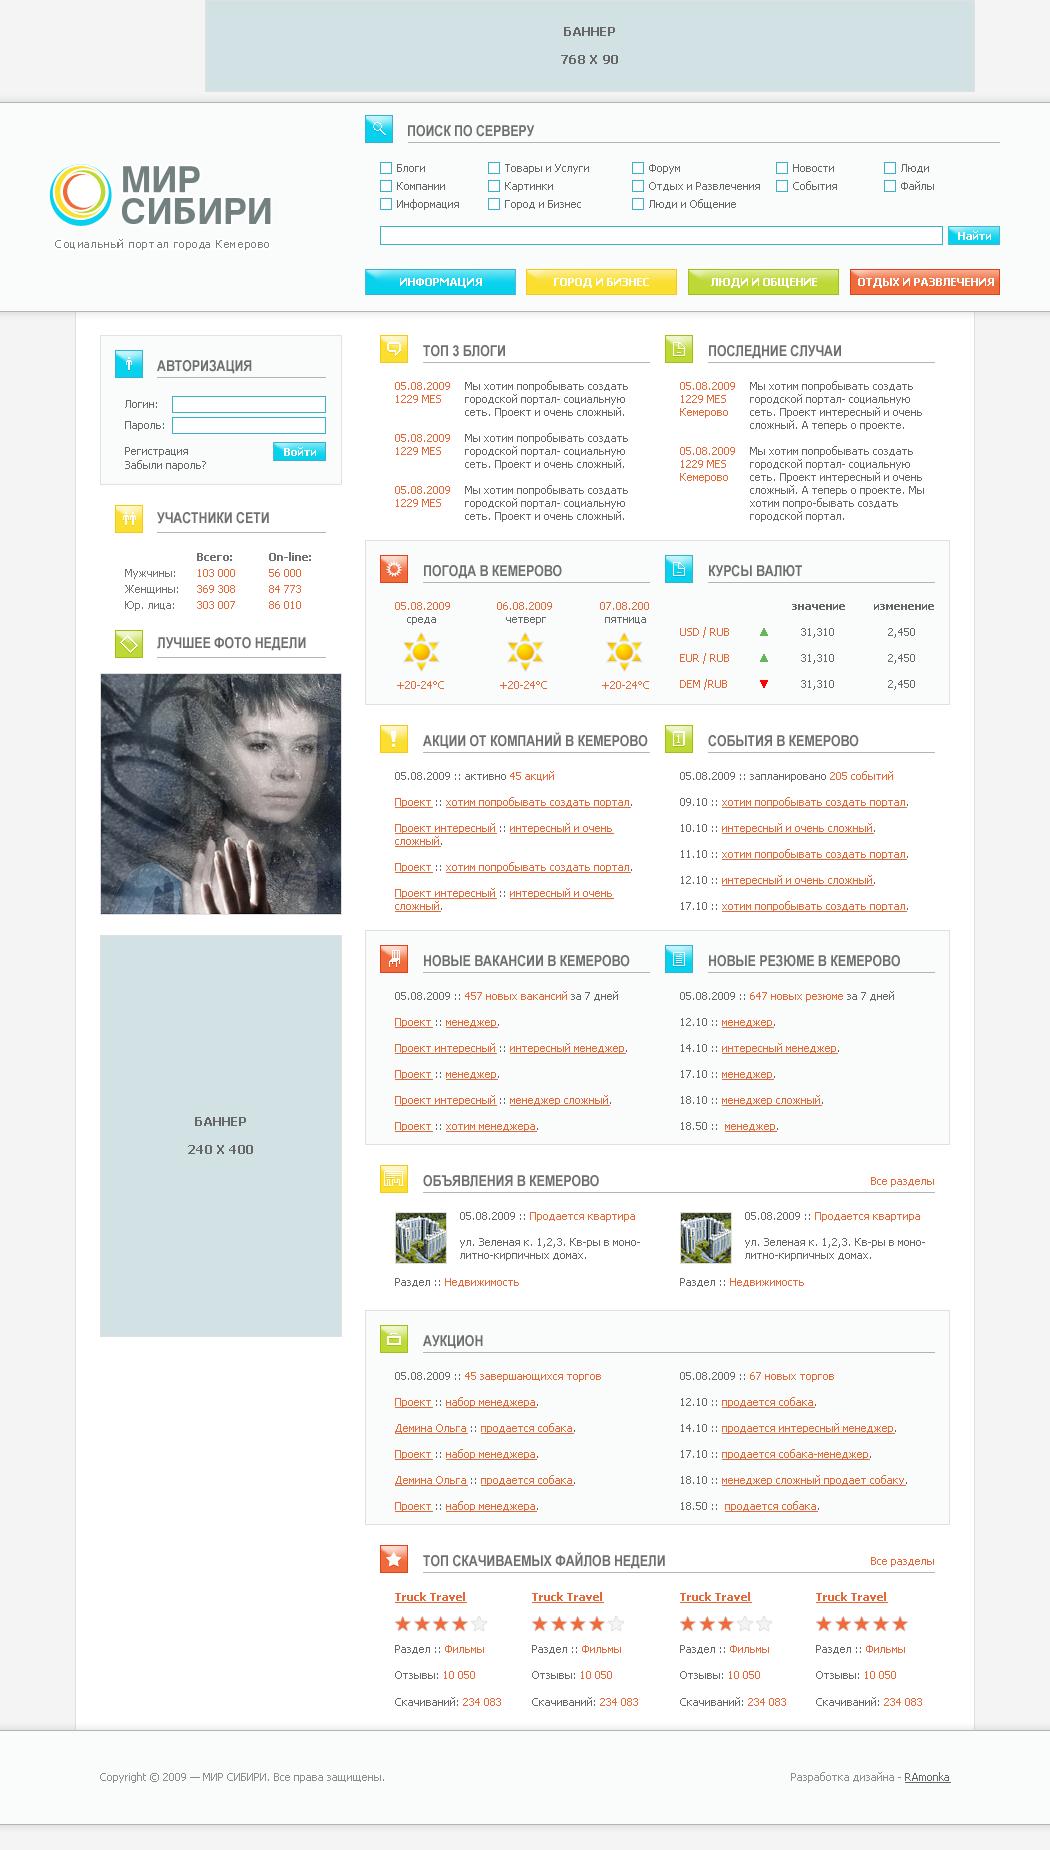 Разработка дизайна сайта и логотипа для социальной сети Мир Сибири